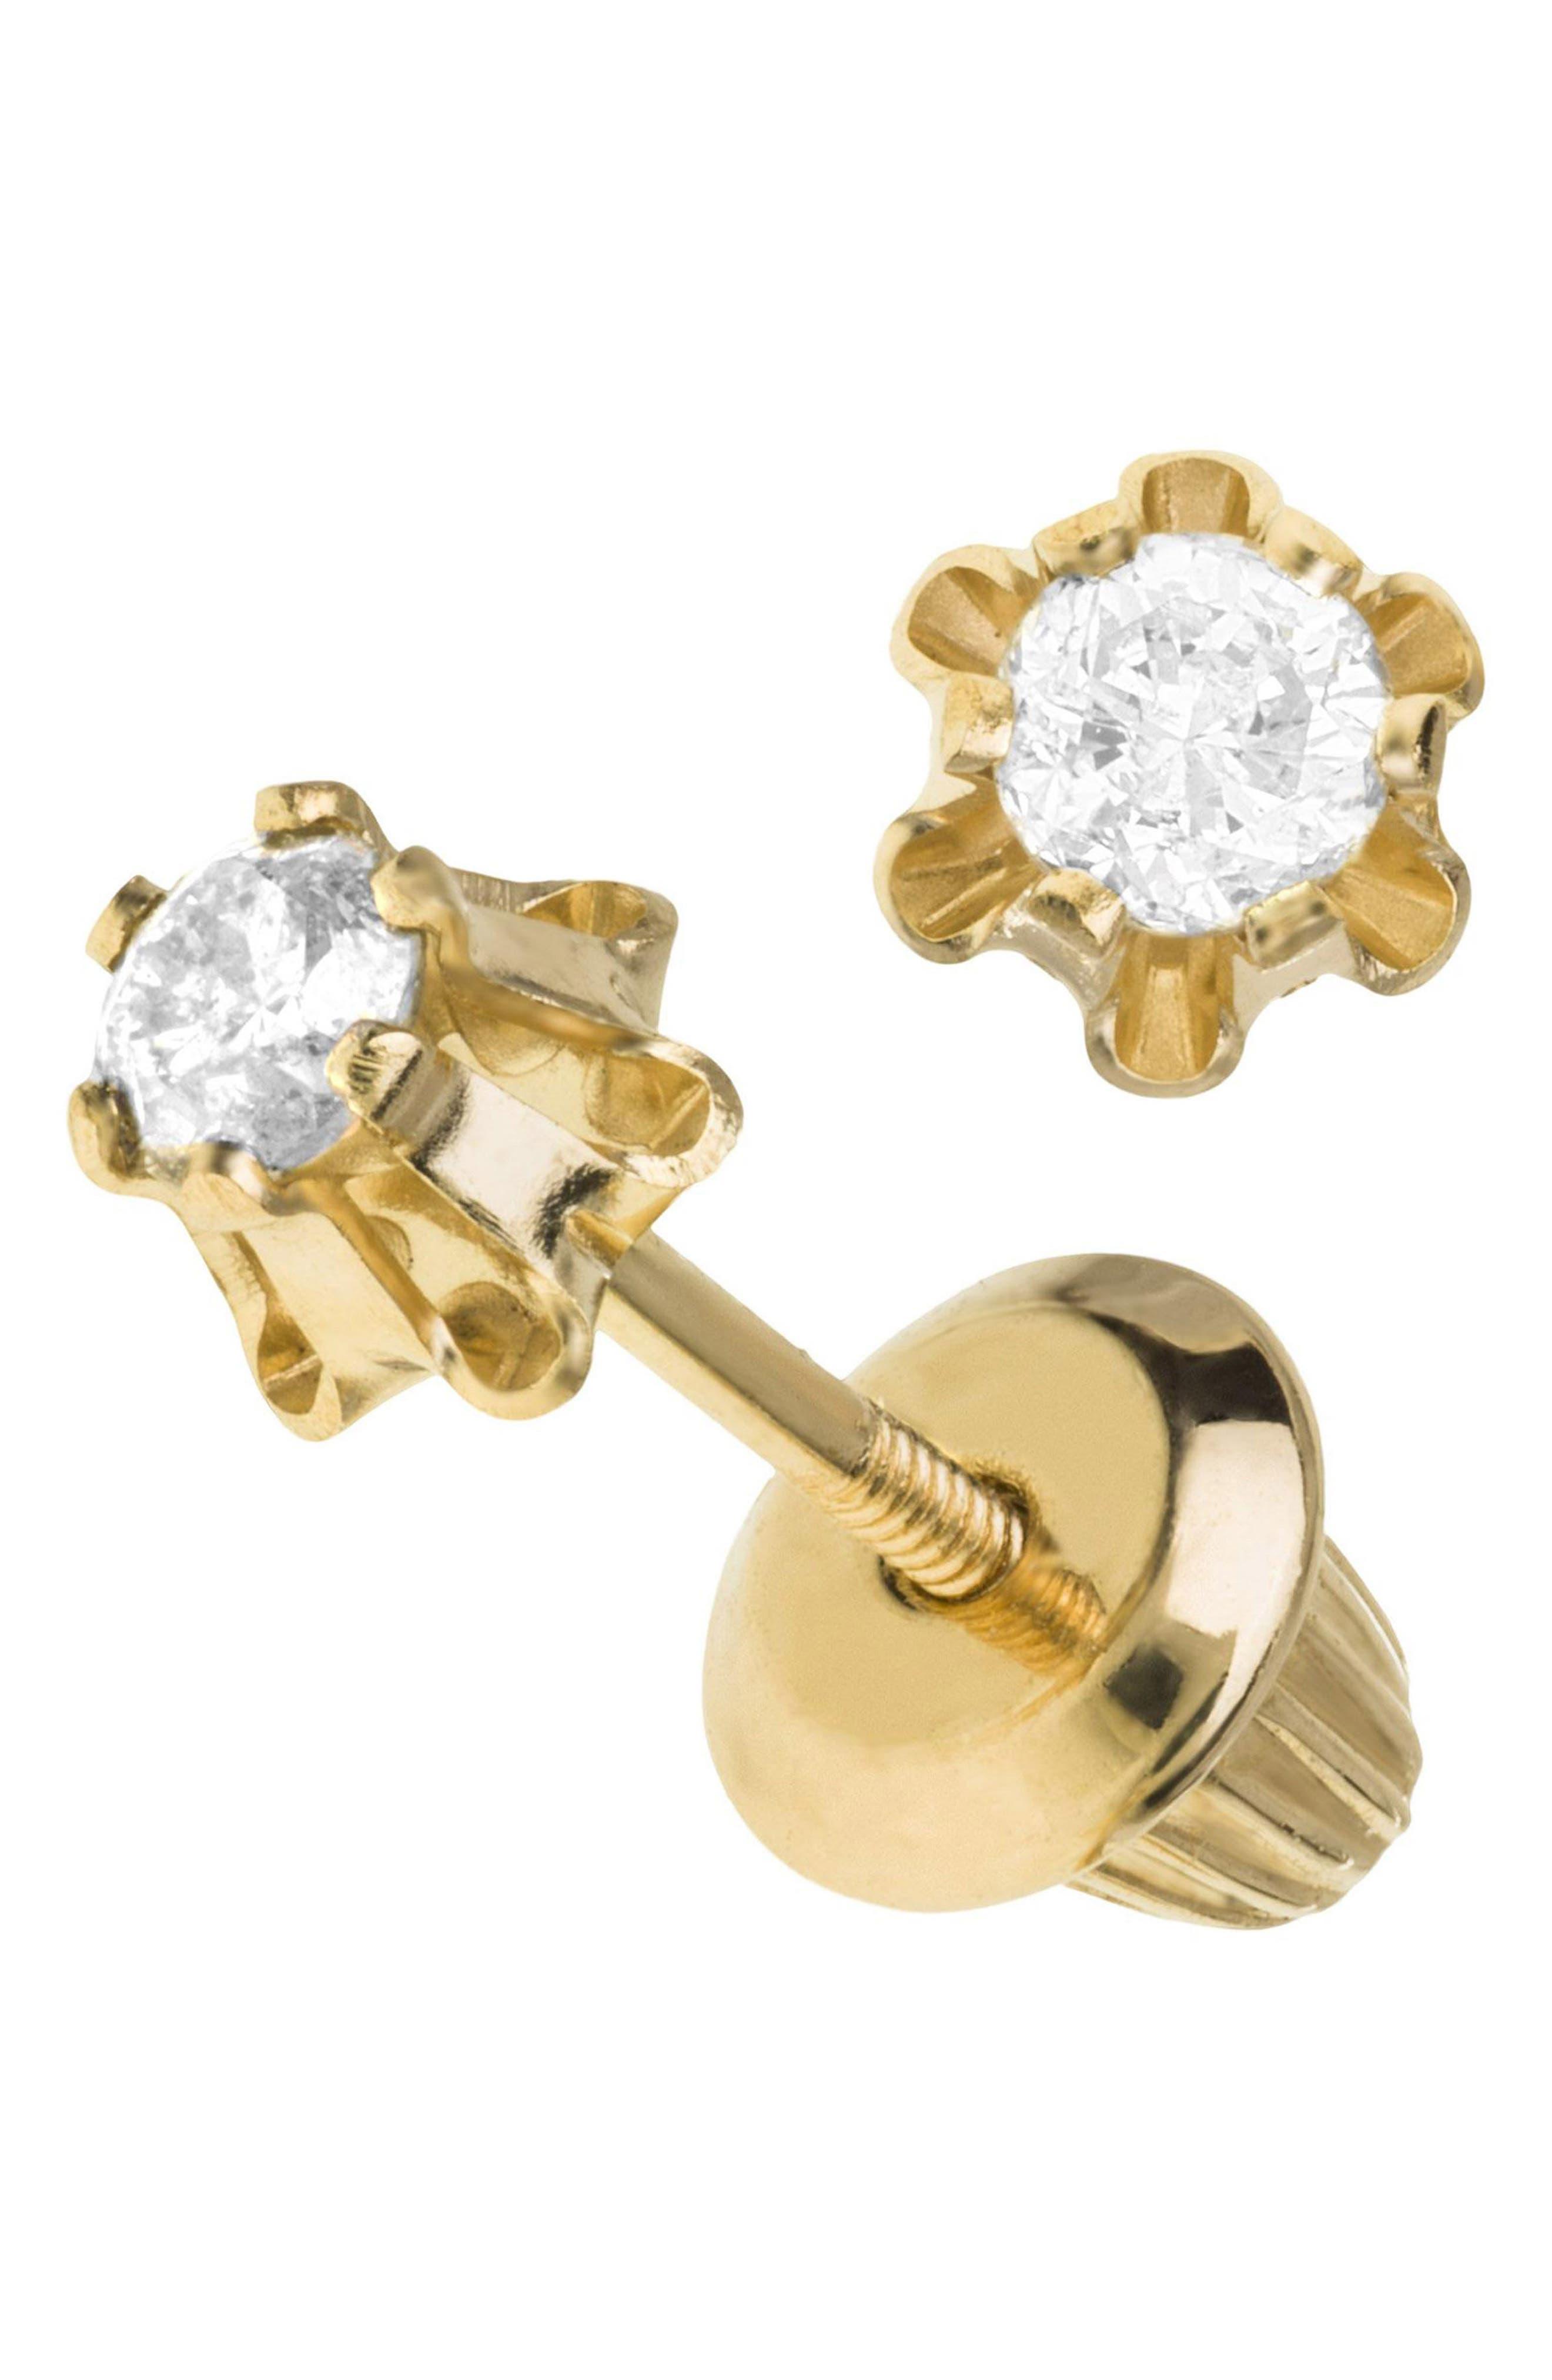 14k Gold & Diamond Earrings,                             Alternate thumbnail 2, color,                             Gold